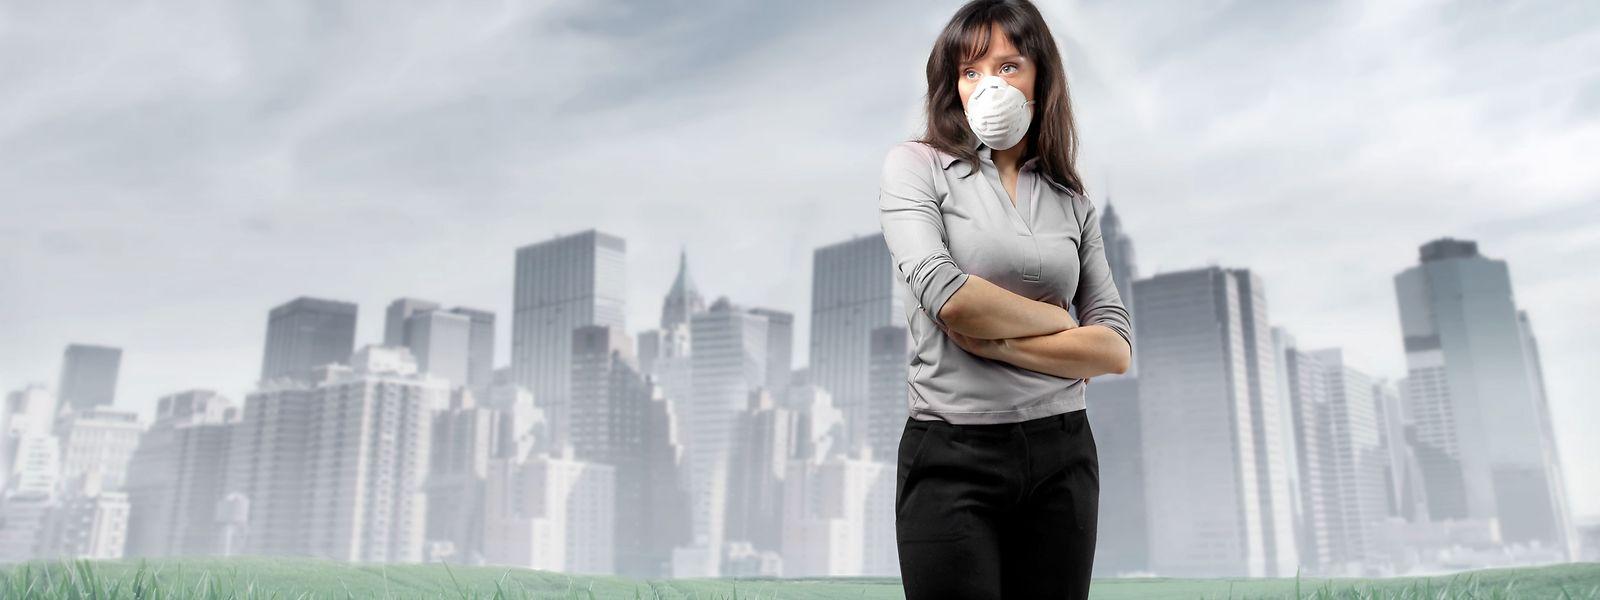 Hersteller hatten gegen die Einstufung von Bisphenol als besorgniserregende Substanz geklagt.